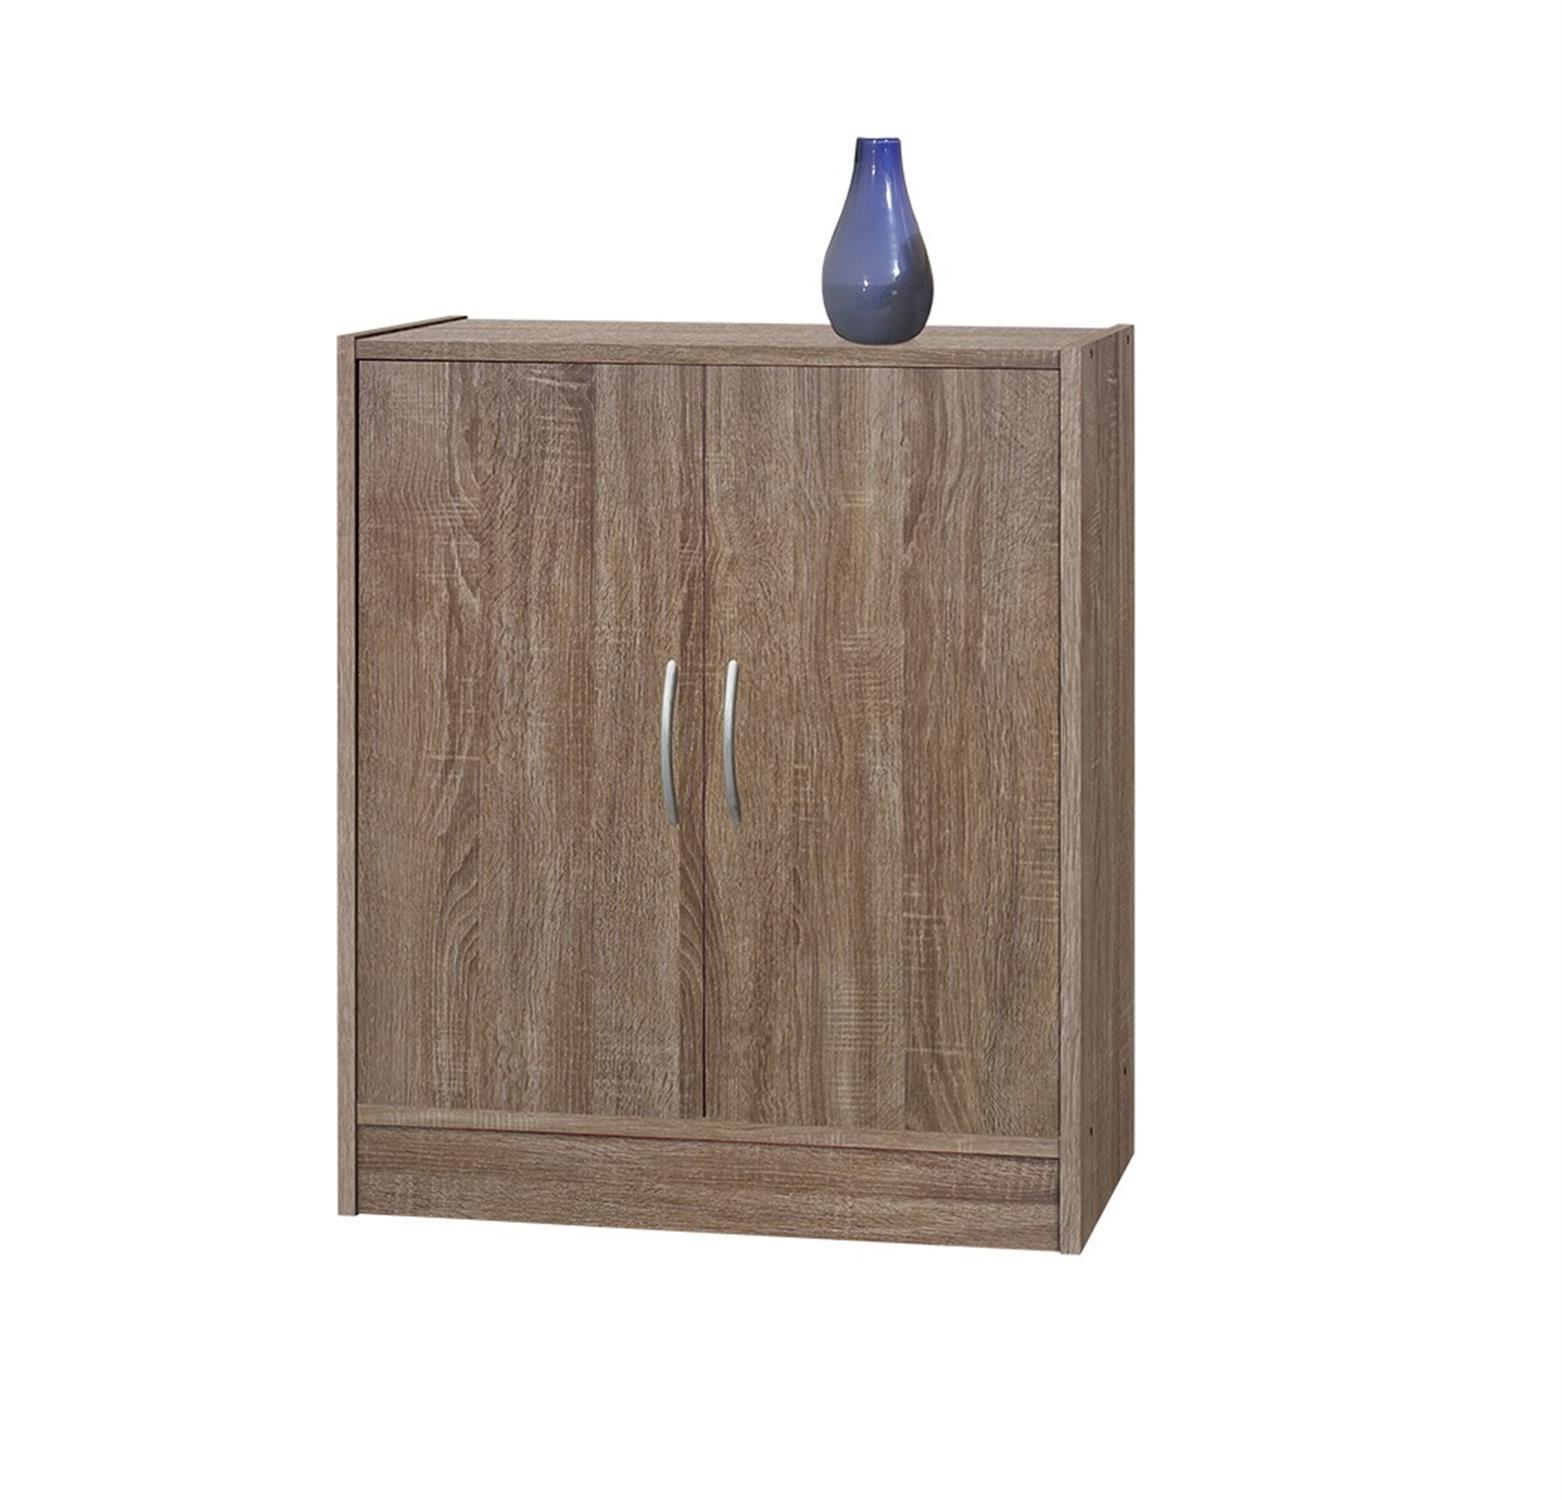 Βοηθητικό ντουλάπι με 2 ράφια και 2 πόρτες μελαμίνης γκρι δεσποτάκι 63x37x82cm Home Plus 01.01.0686